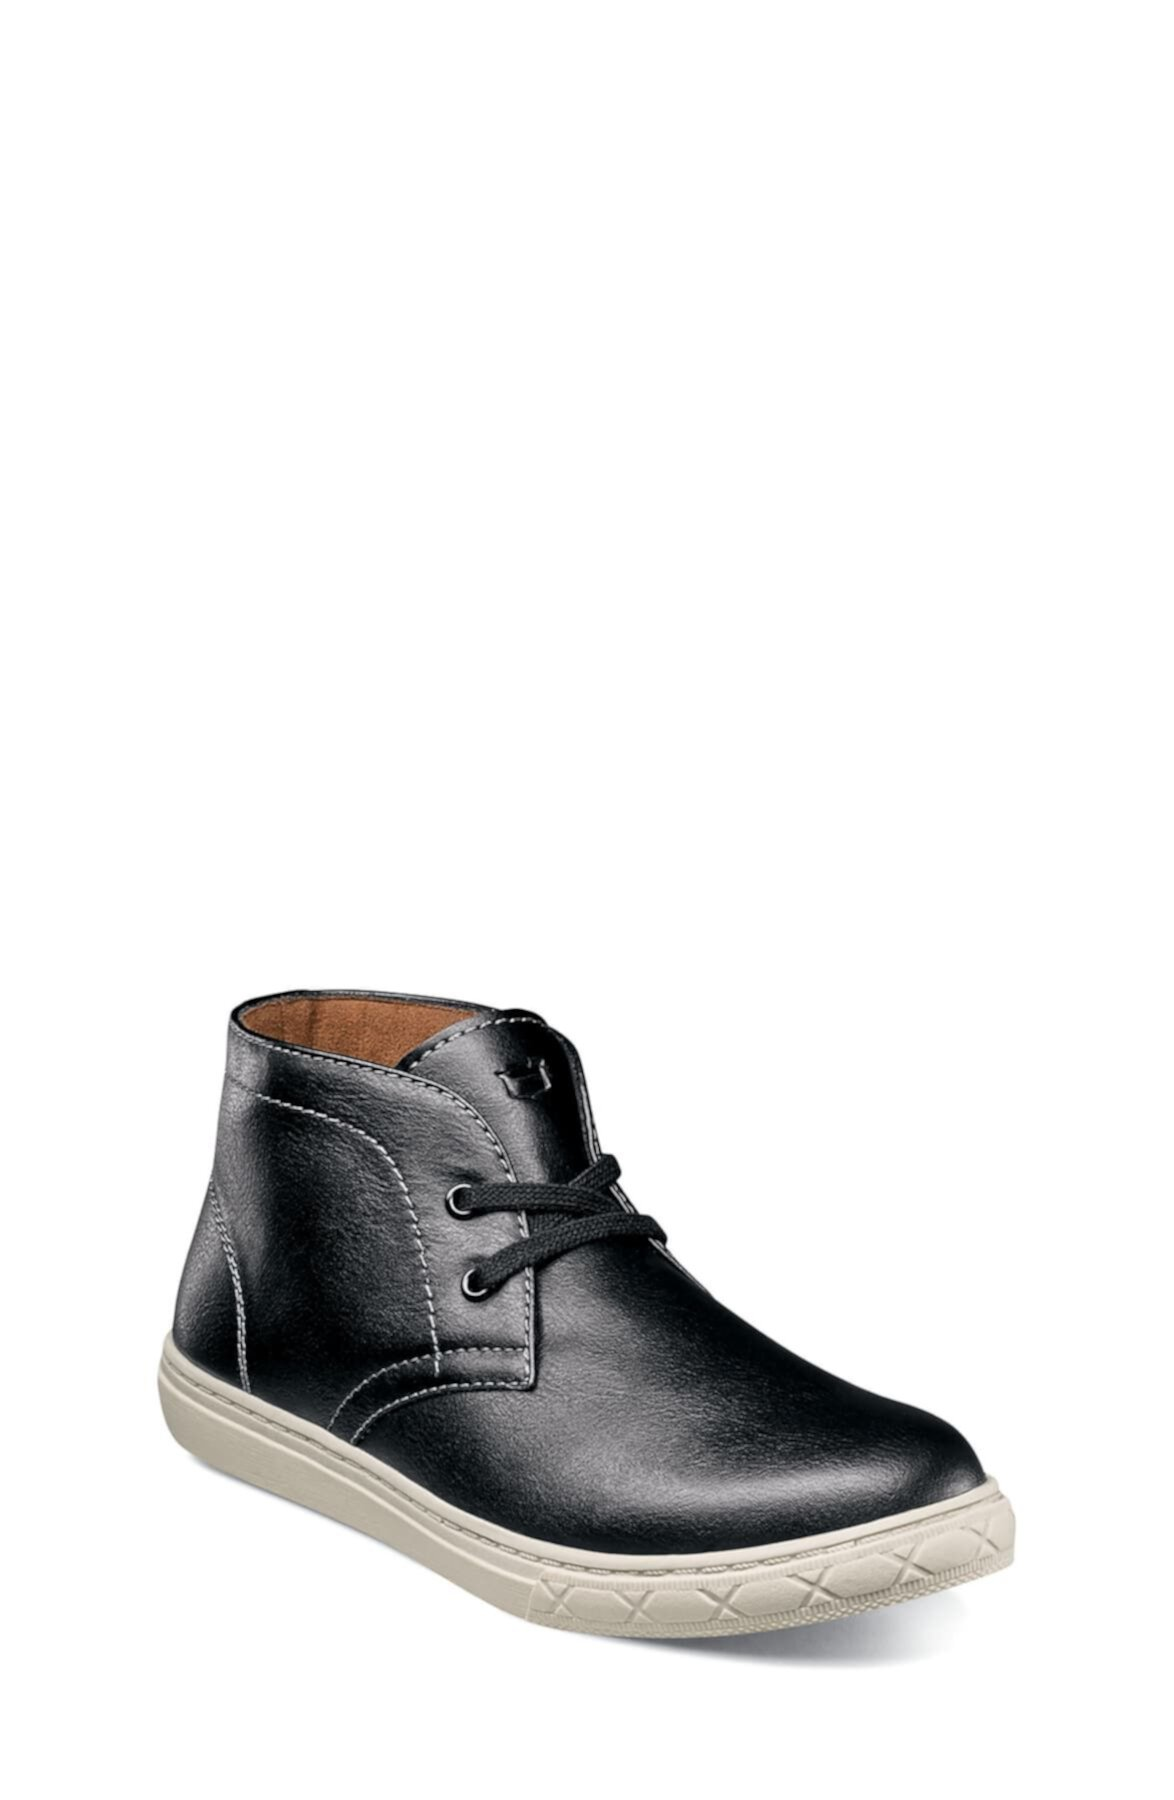 Кожаный ботинок Chukka Curb Jr. (для малышей, маленьких и больших малышей) Florsheim